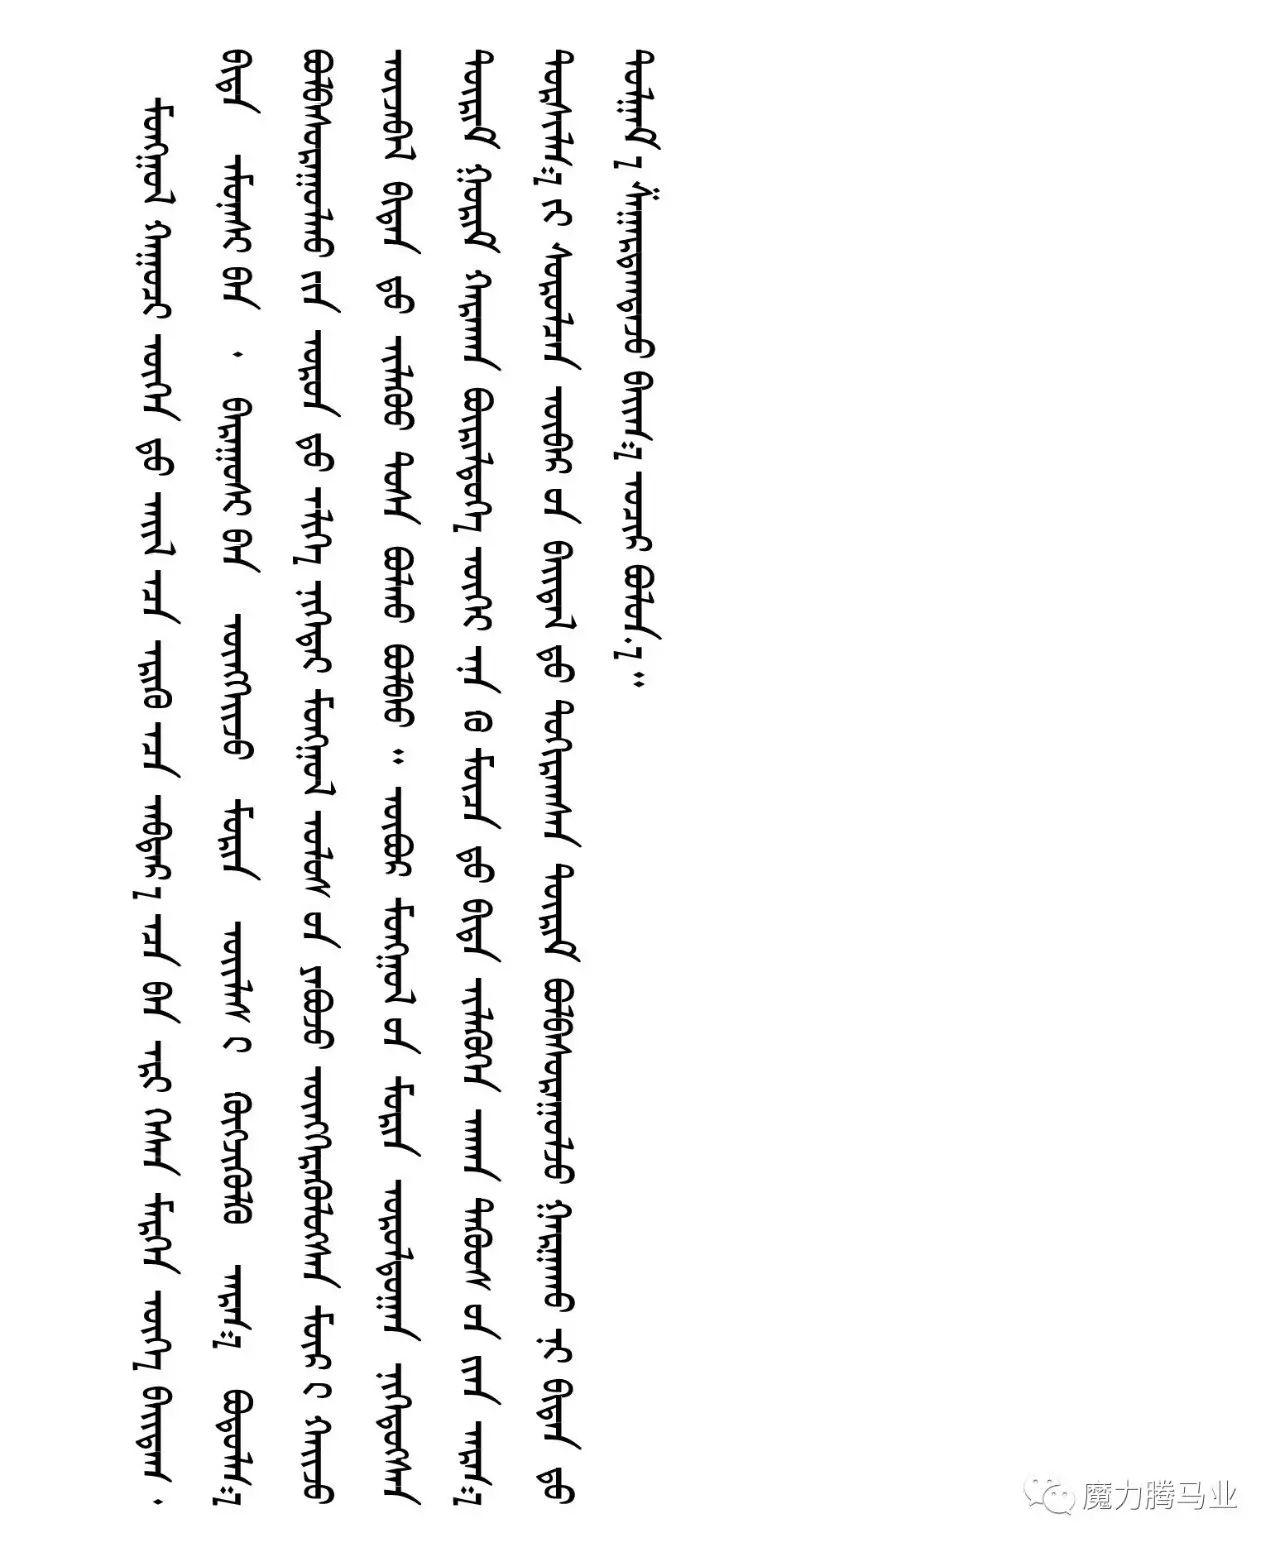 蒙古国赛马章程介绍 第5张 蒙古国赛马章程介绍 蒙古文库